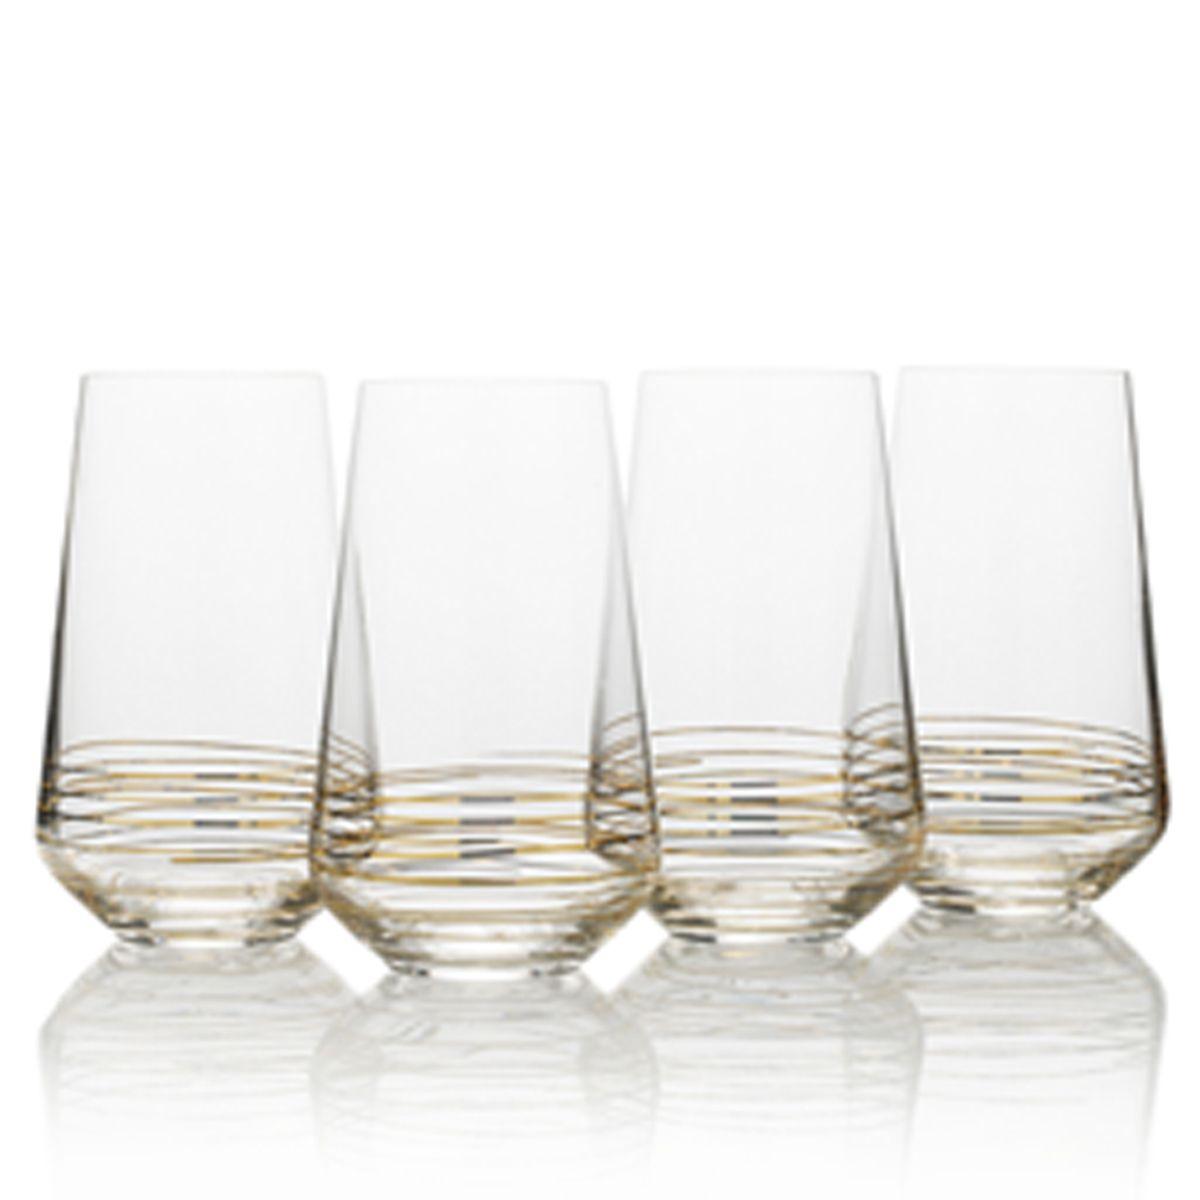 Glassware and Stemware